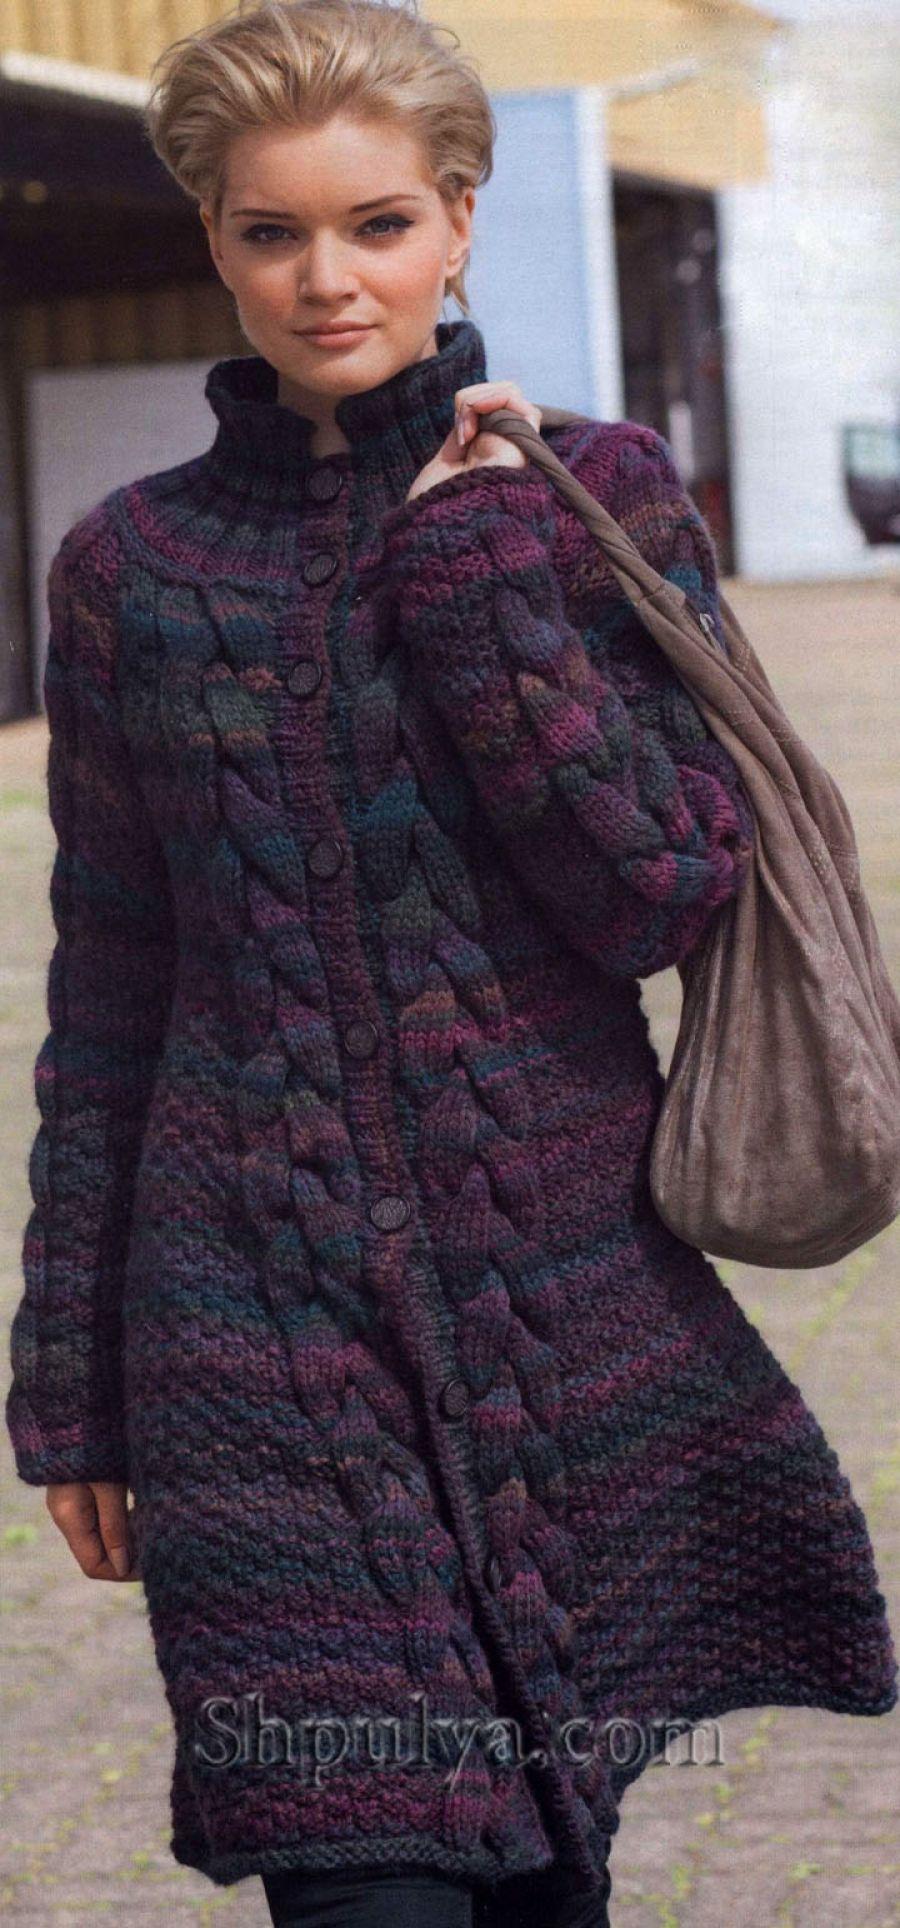 Меланжевое пальто с косами, вязаное спицами